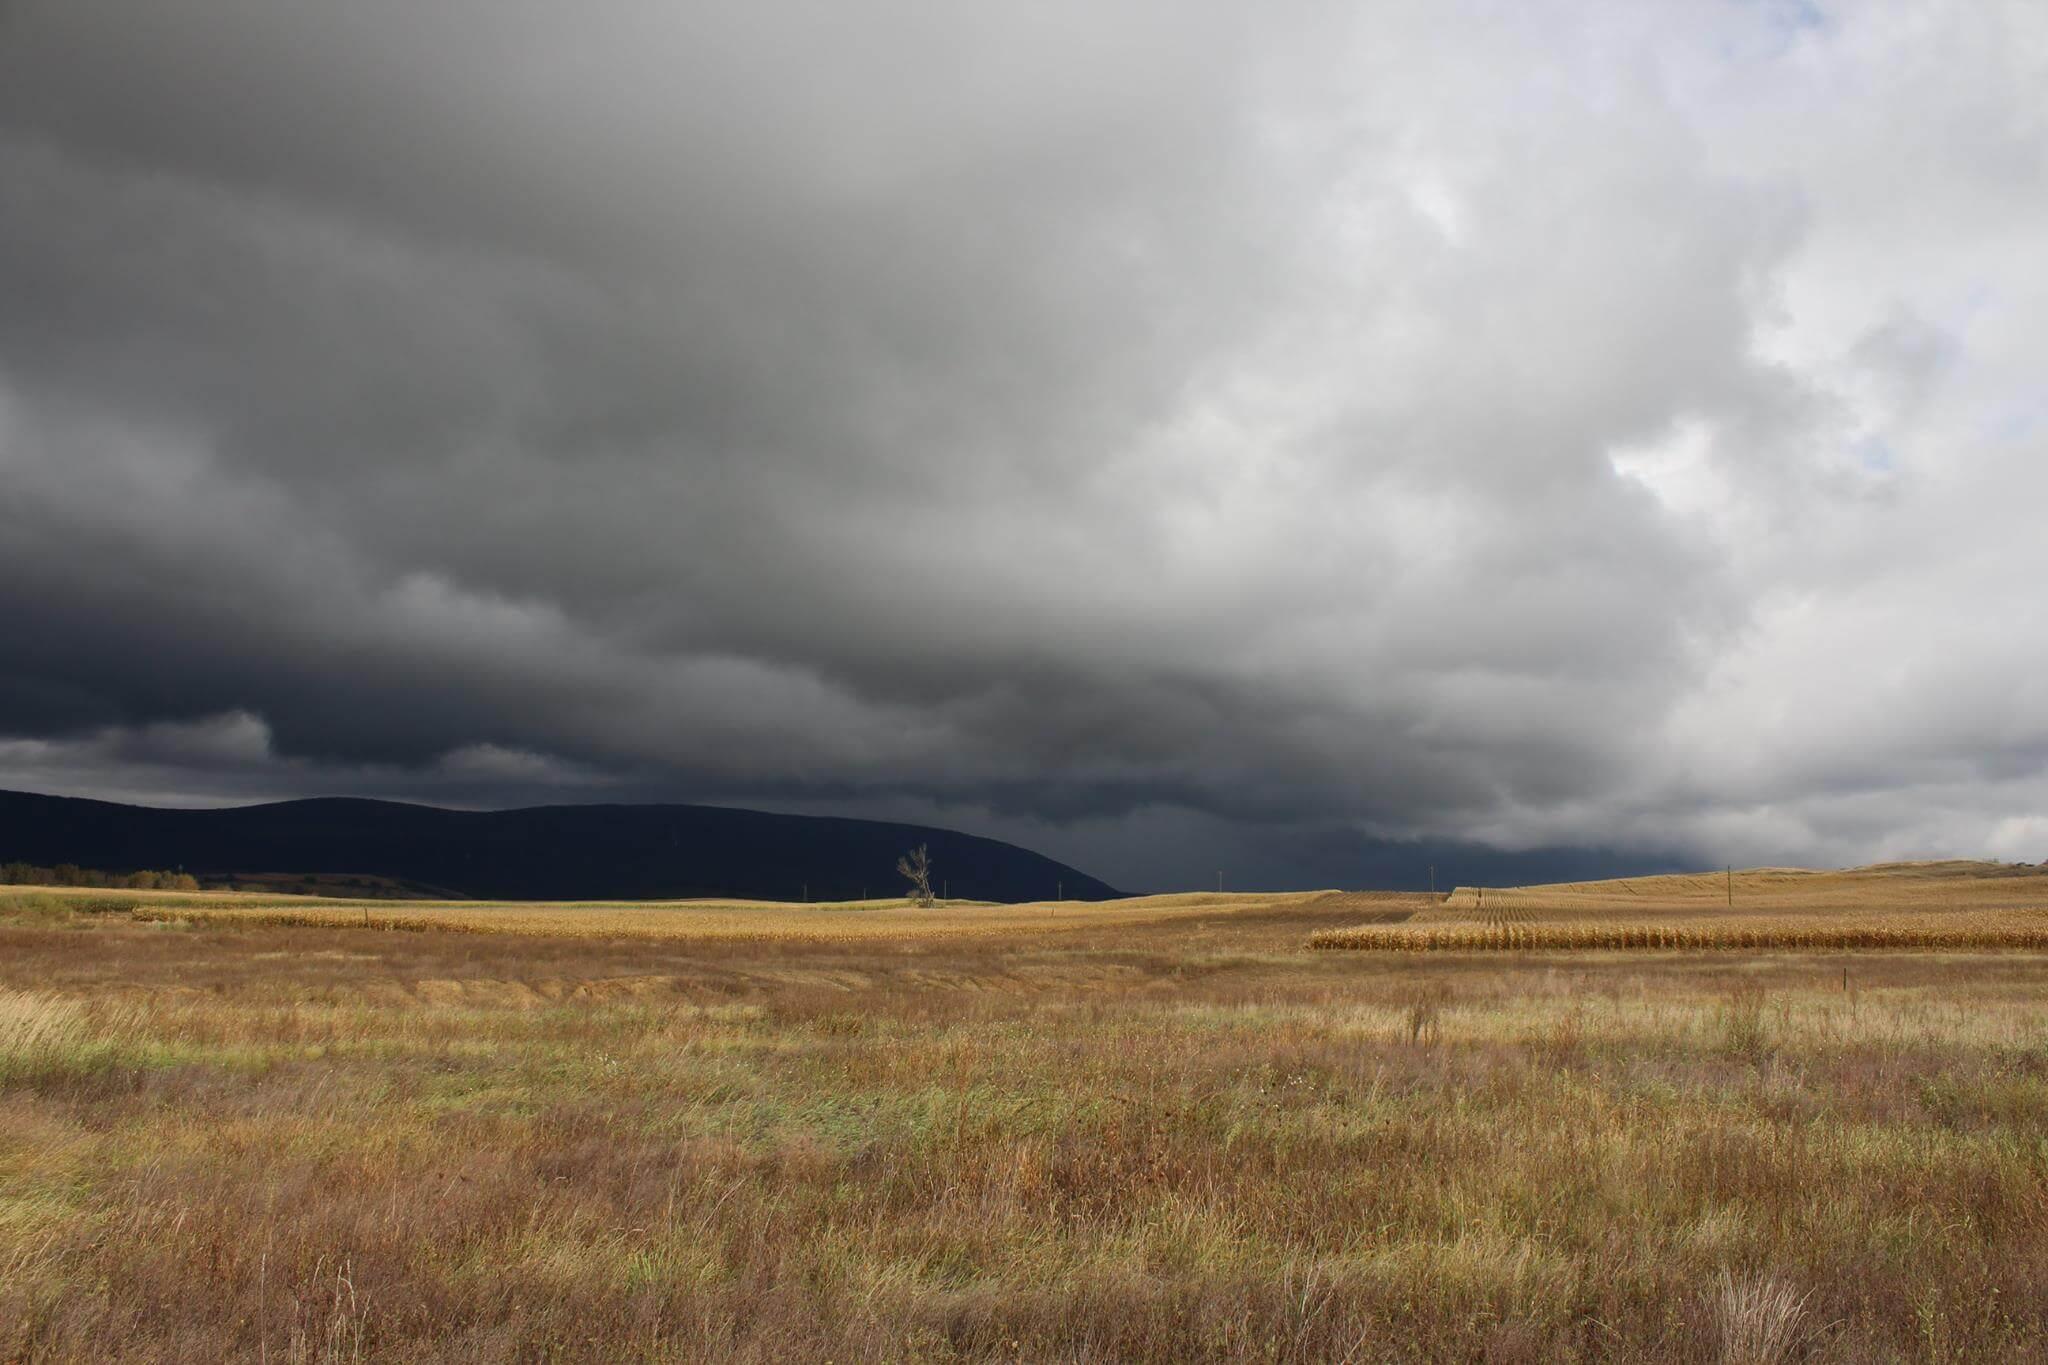 Fagyott esőt/jégesőt produkáló október eleji cella